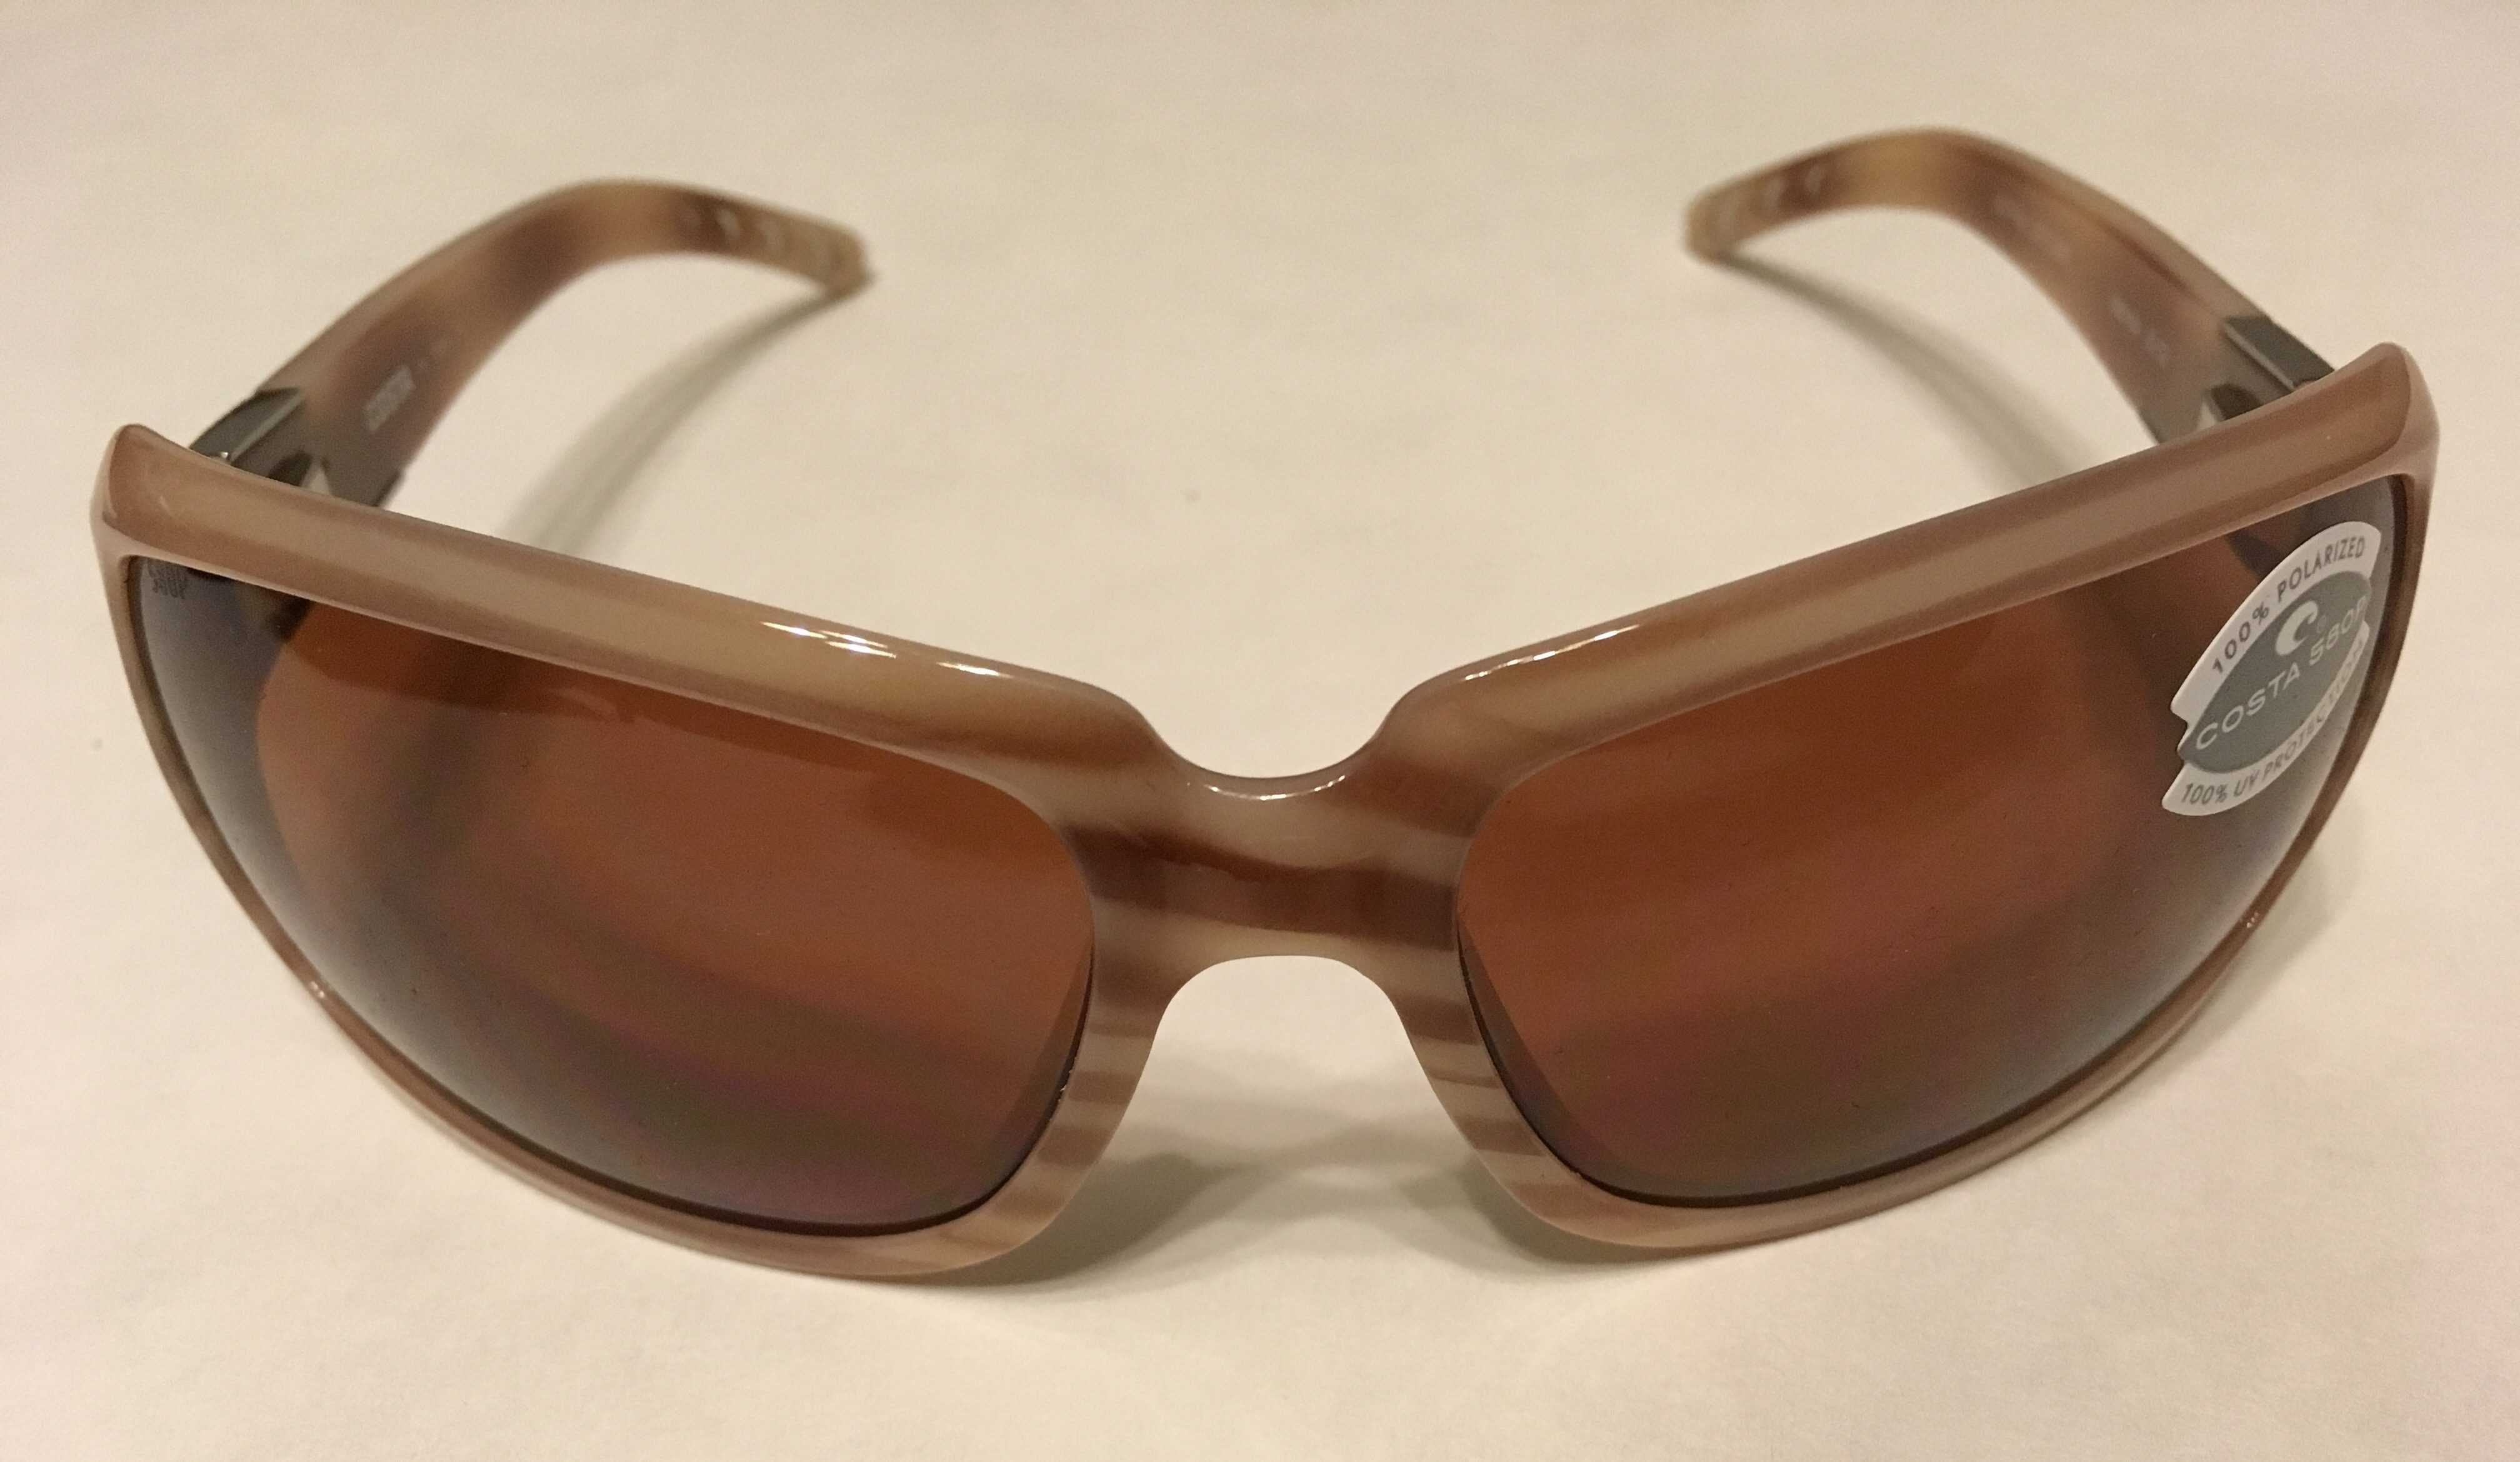 3d0dd75f6e Costa Del Mar Isabela Sunglasses - Morena Frame - POLARIZED Copper 580P